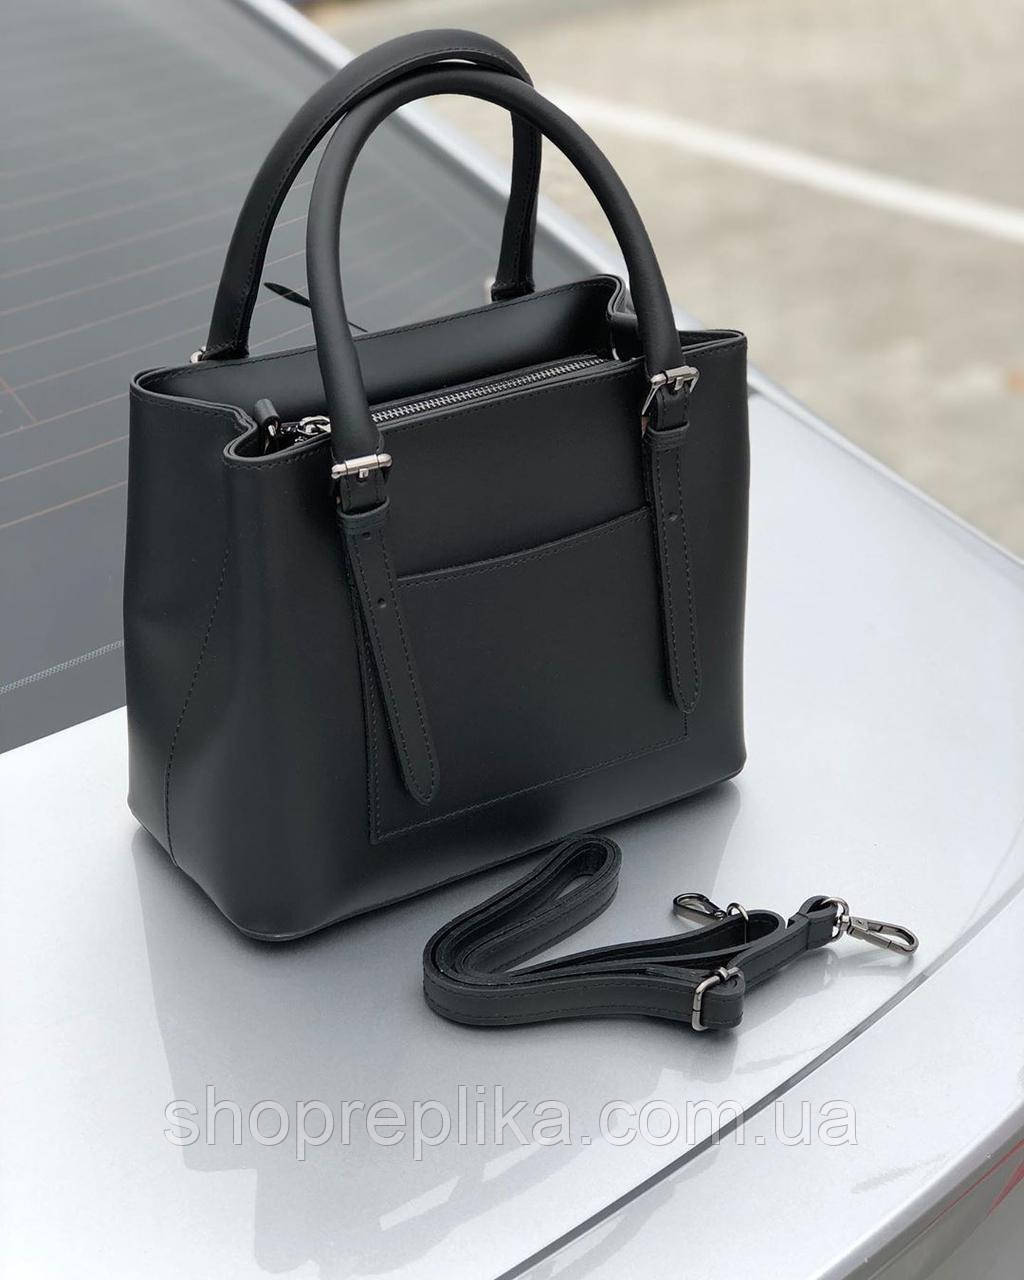 Жіноча шкіряна Люкс Італія чорний колір Віра Пелле